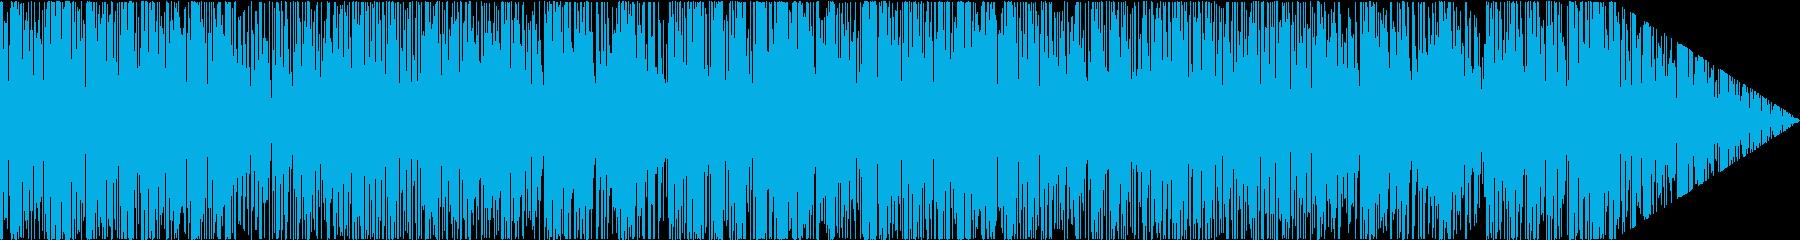 ゆったり聞けるアコースティックなボサノバの再生済みの波形